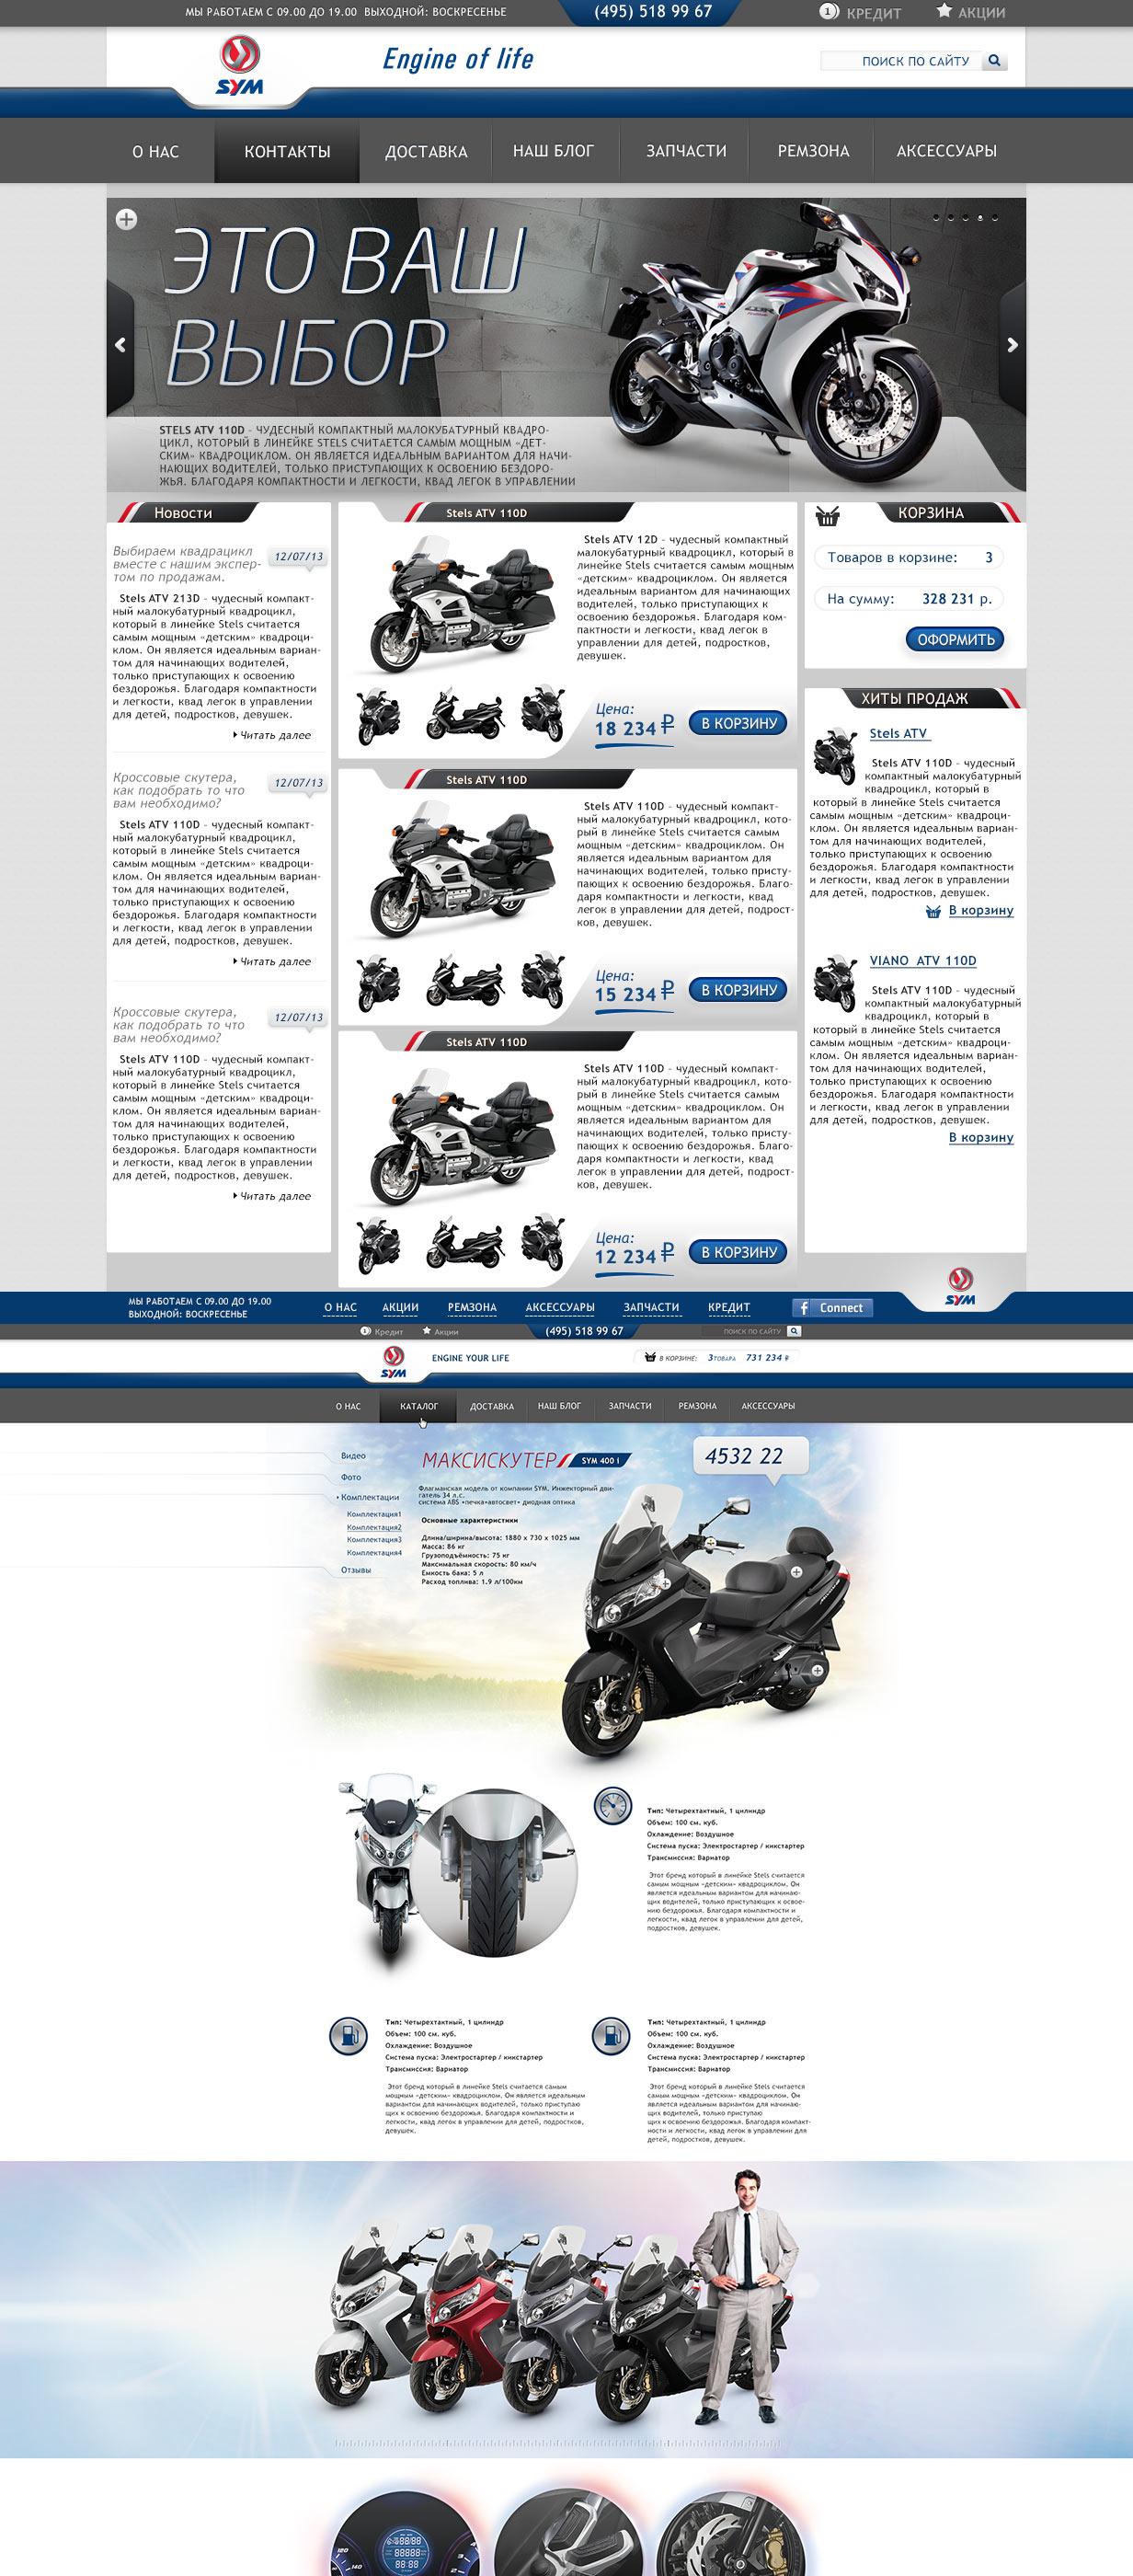 SYM motors